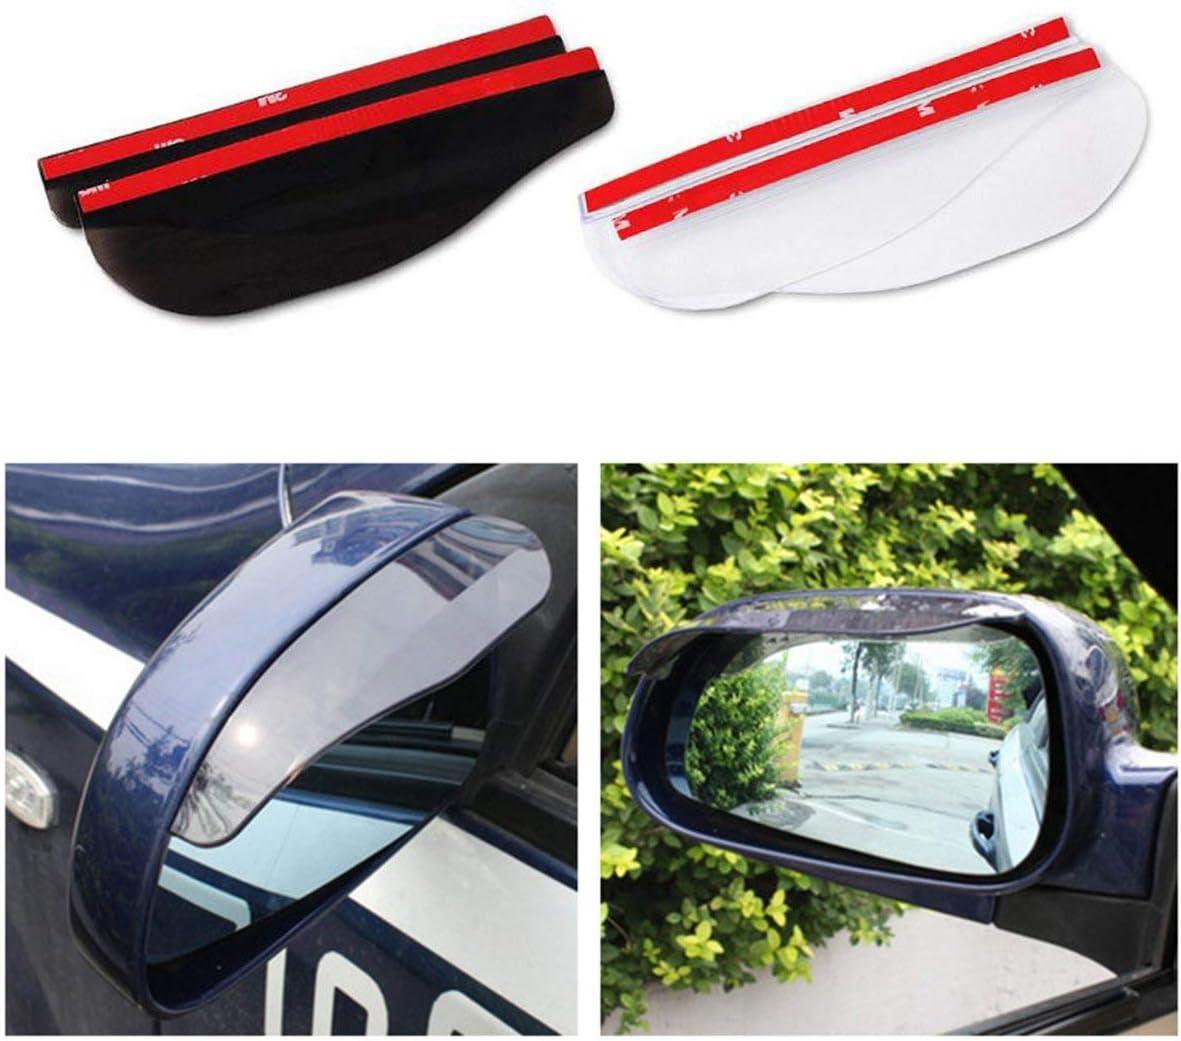 Regendicht Blades PVC-Spiegel-Auto-R/ückspiegel-Augenbraue-Regen-Abdeckung 13-2B Zubeh/ör